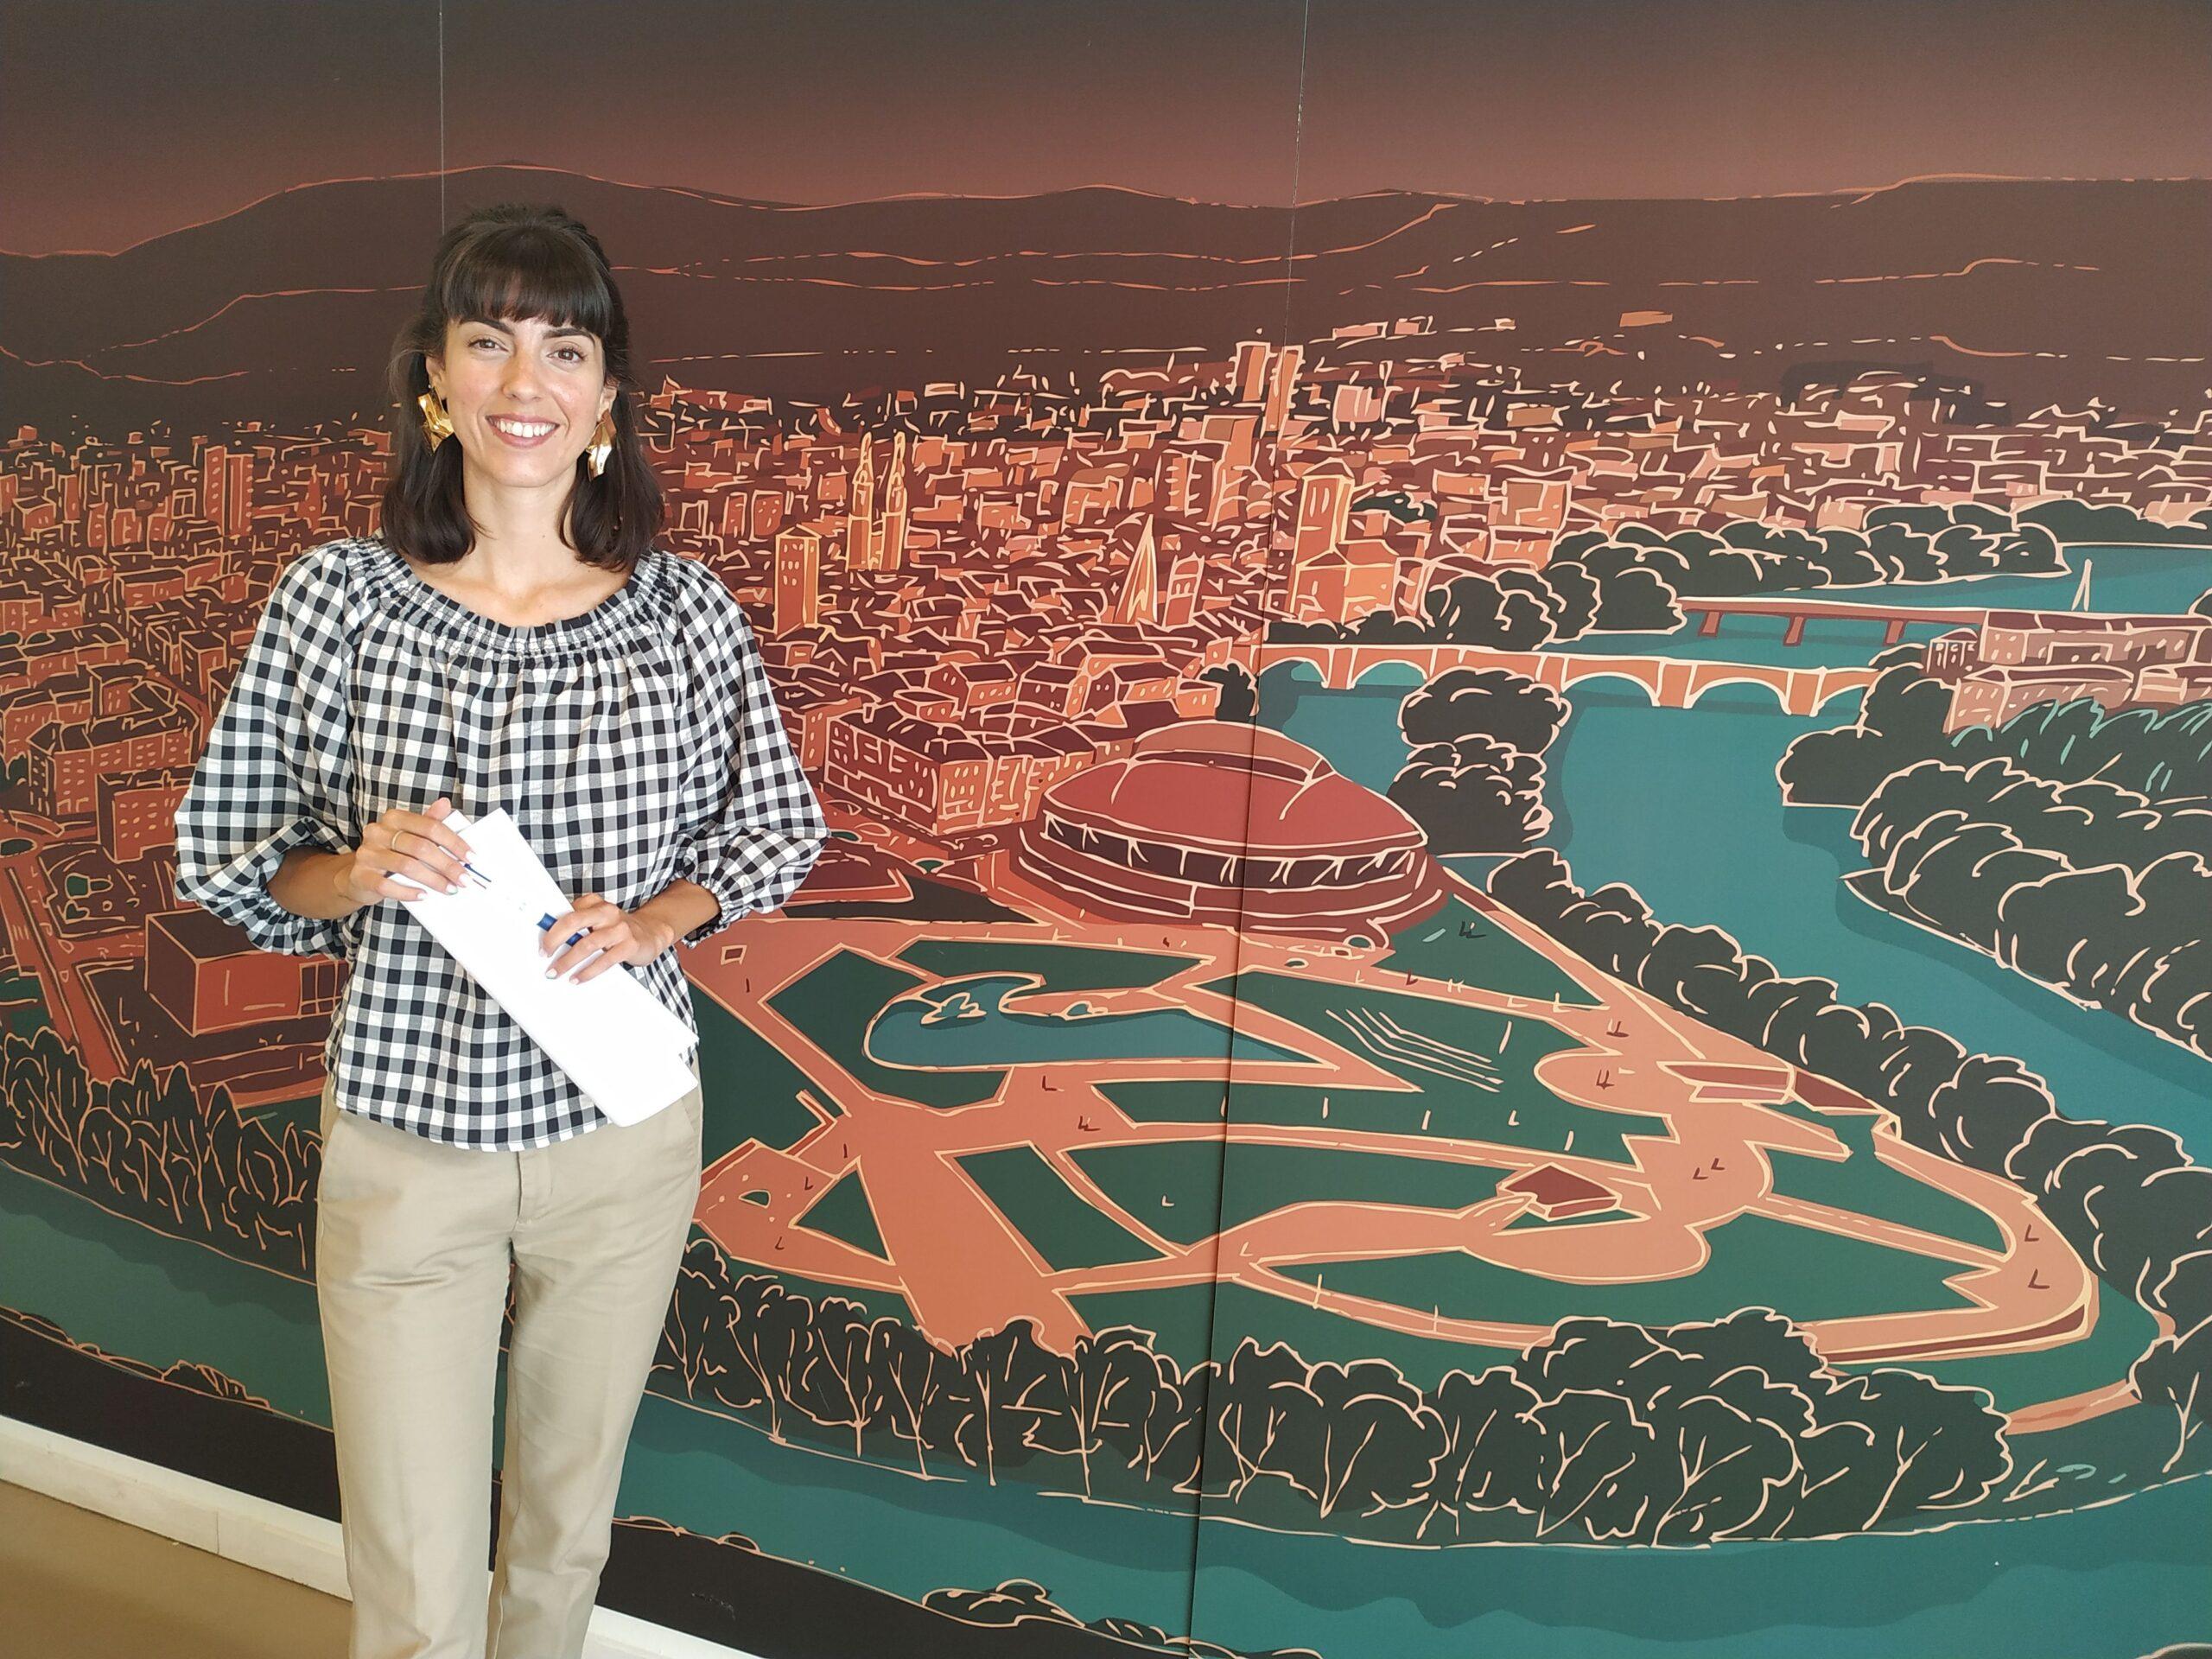 Moción para la puesta en marcha inmediata de la nueva web de turismo del Ayuntamiento de Logroño